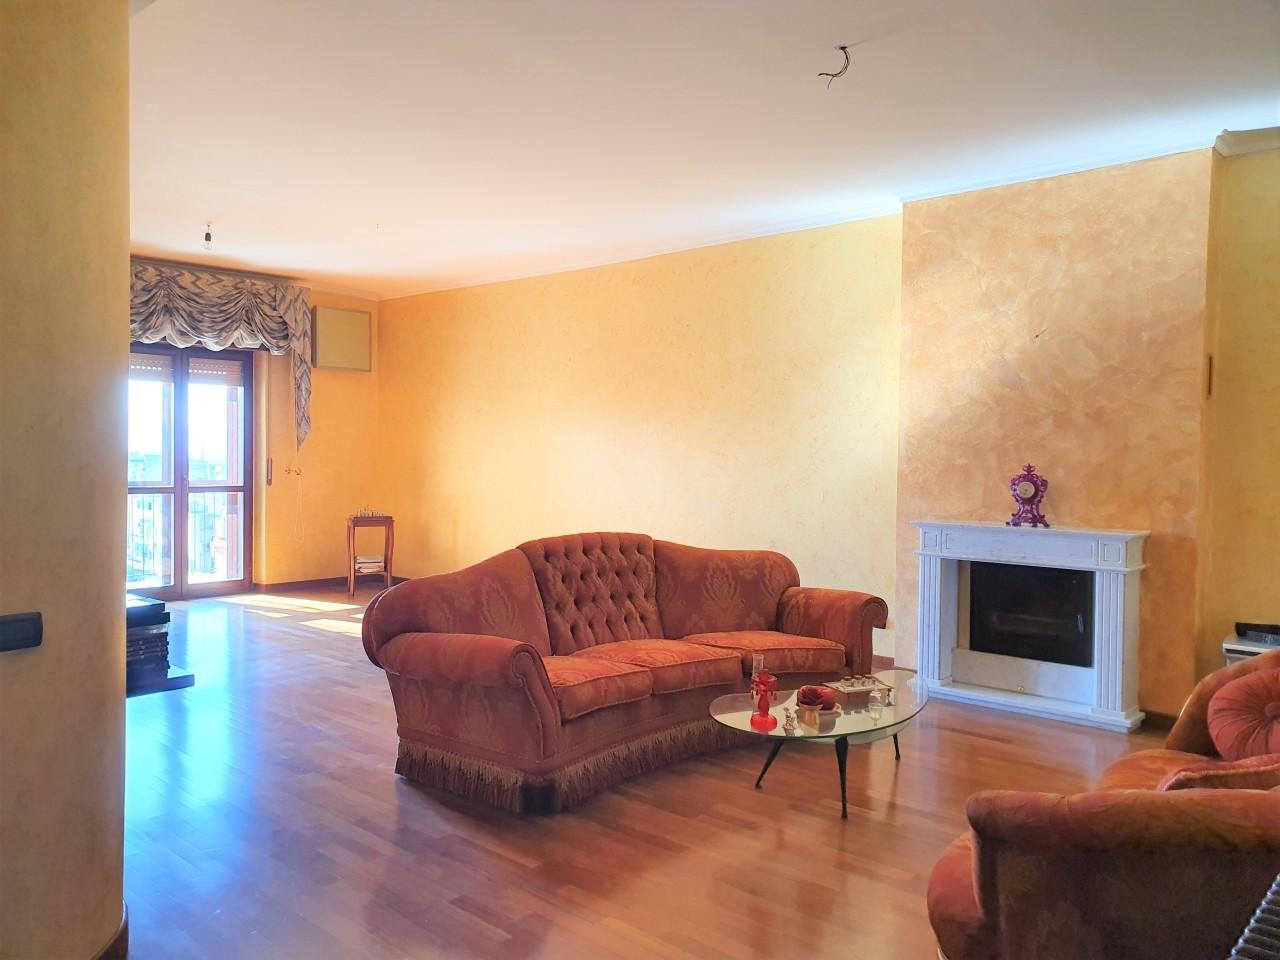 Appartamento in vendita a Reggio Calabria, 4 locali, prezzo € 170.000 | CambioCasa.it